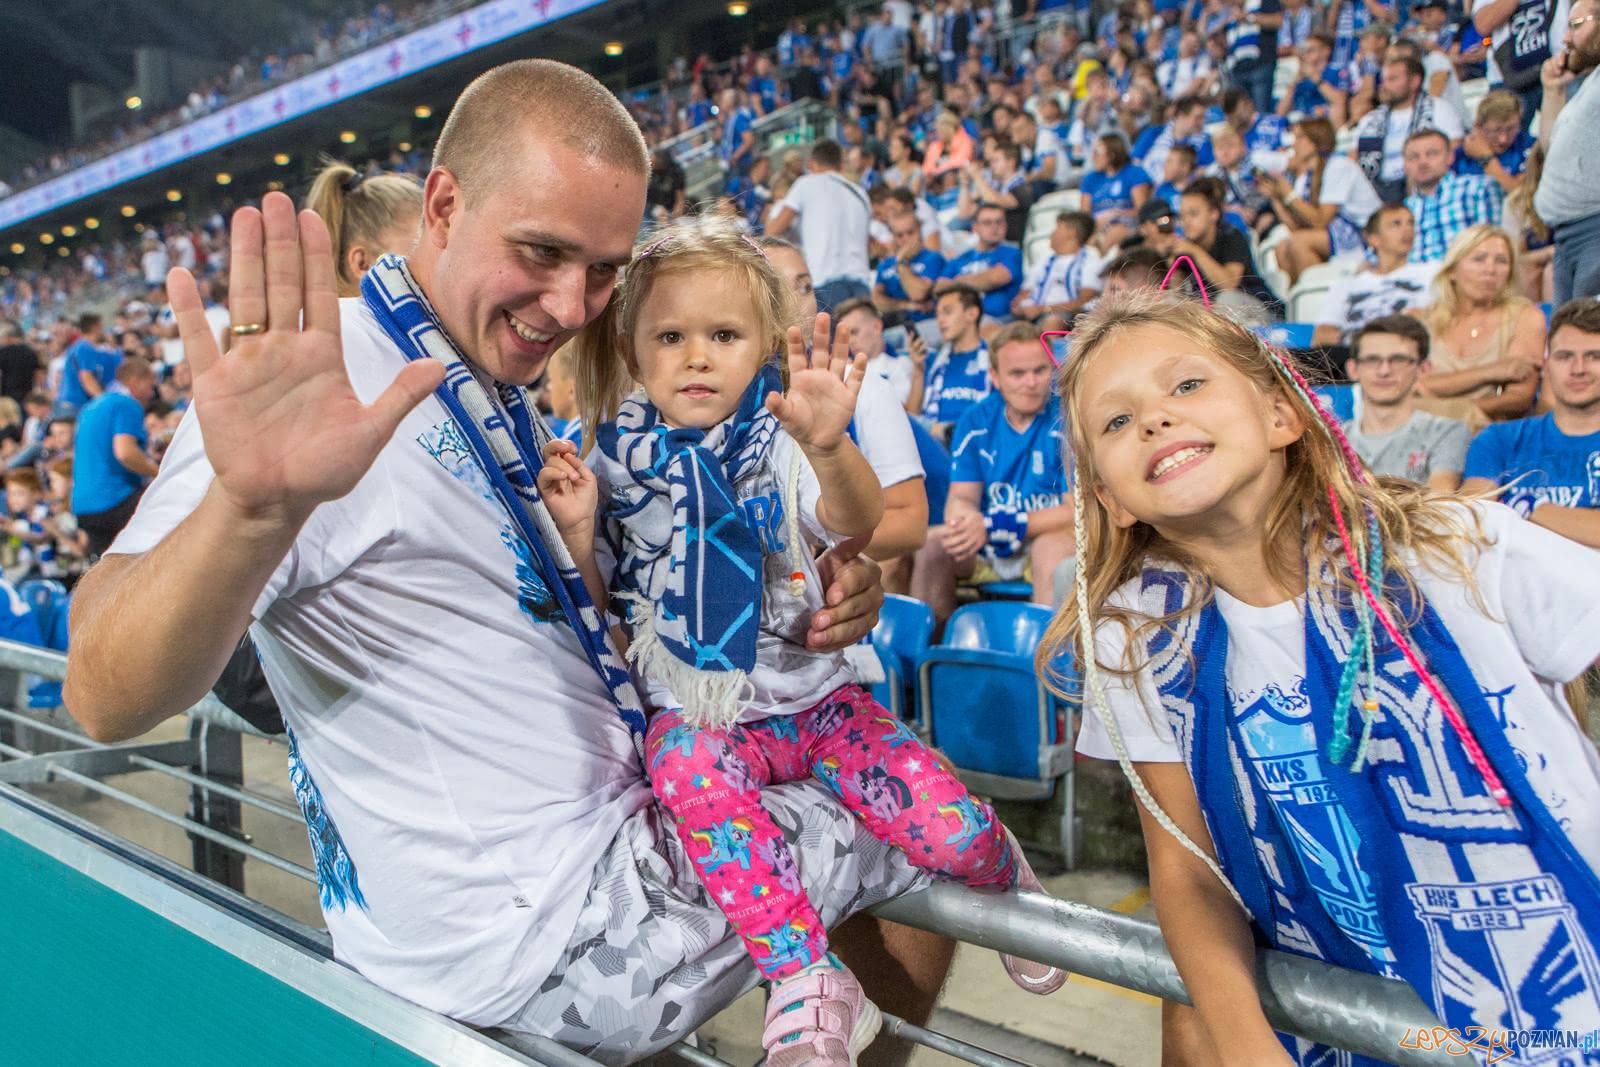 Liga Europy: Lech Poznań - KRC Genk 0:1- Stadion Miejski Pozna  Foto: LepszyPOZNAN.pl / Paweł Rychter